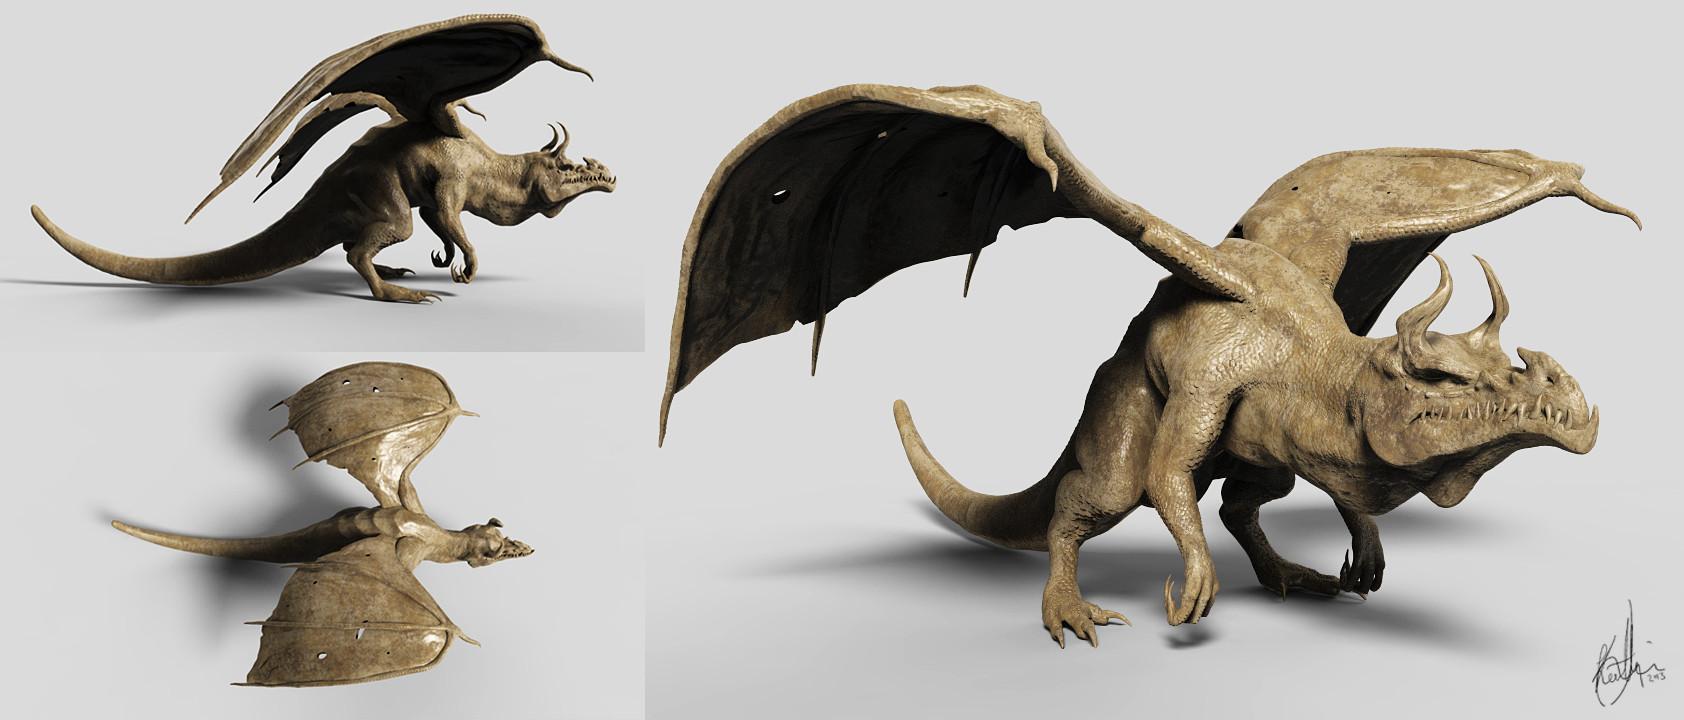 Dragon Zbrush Sculpt - Elder Dragon by Akiratang